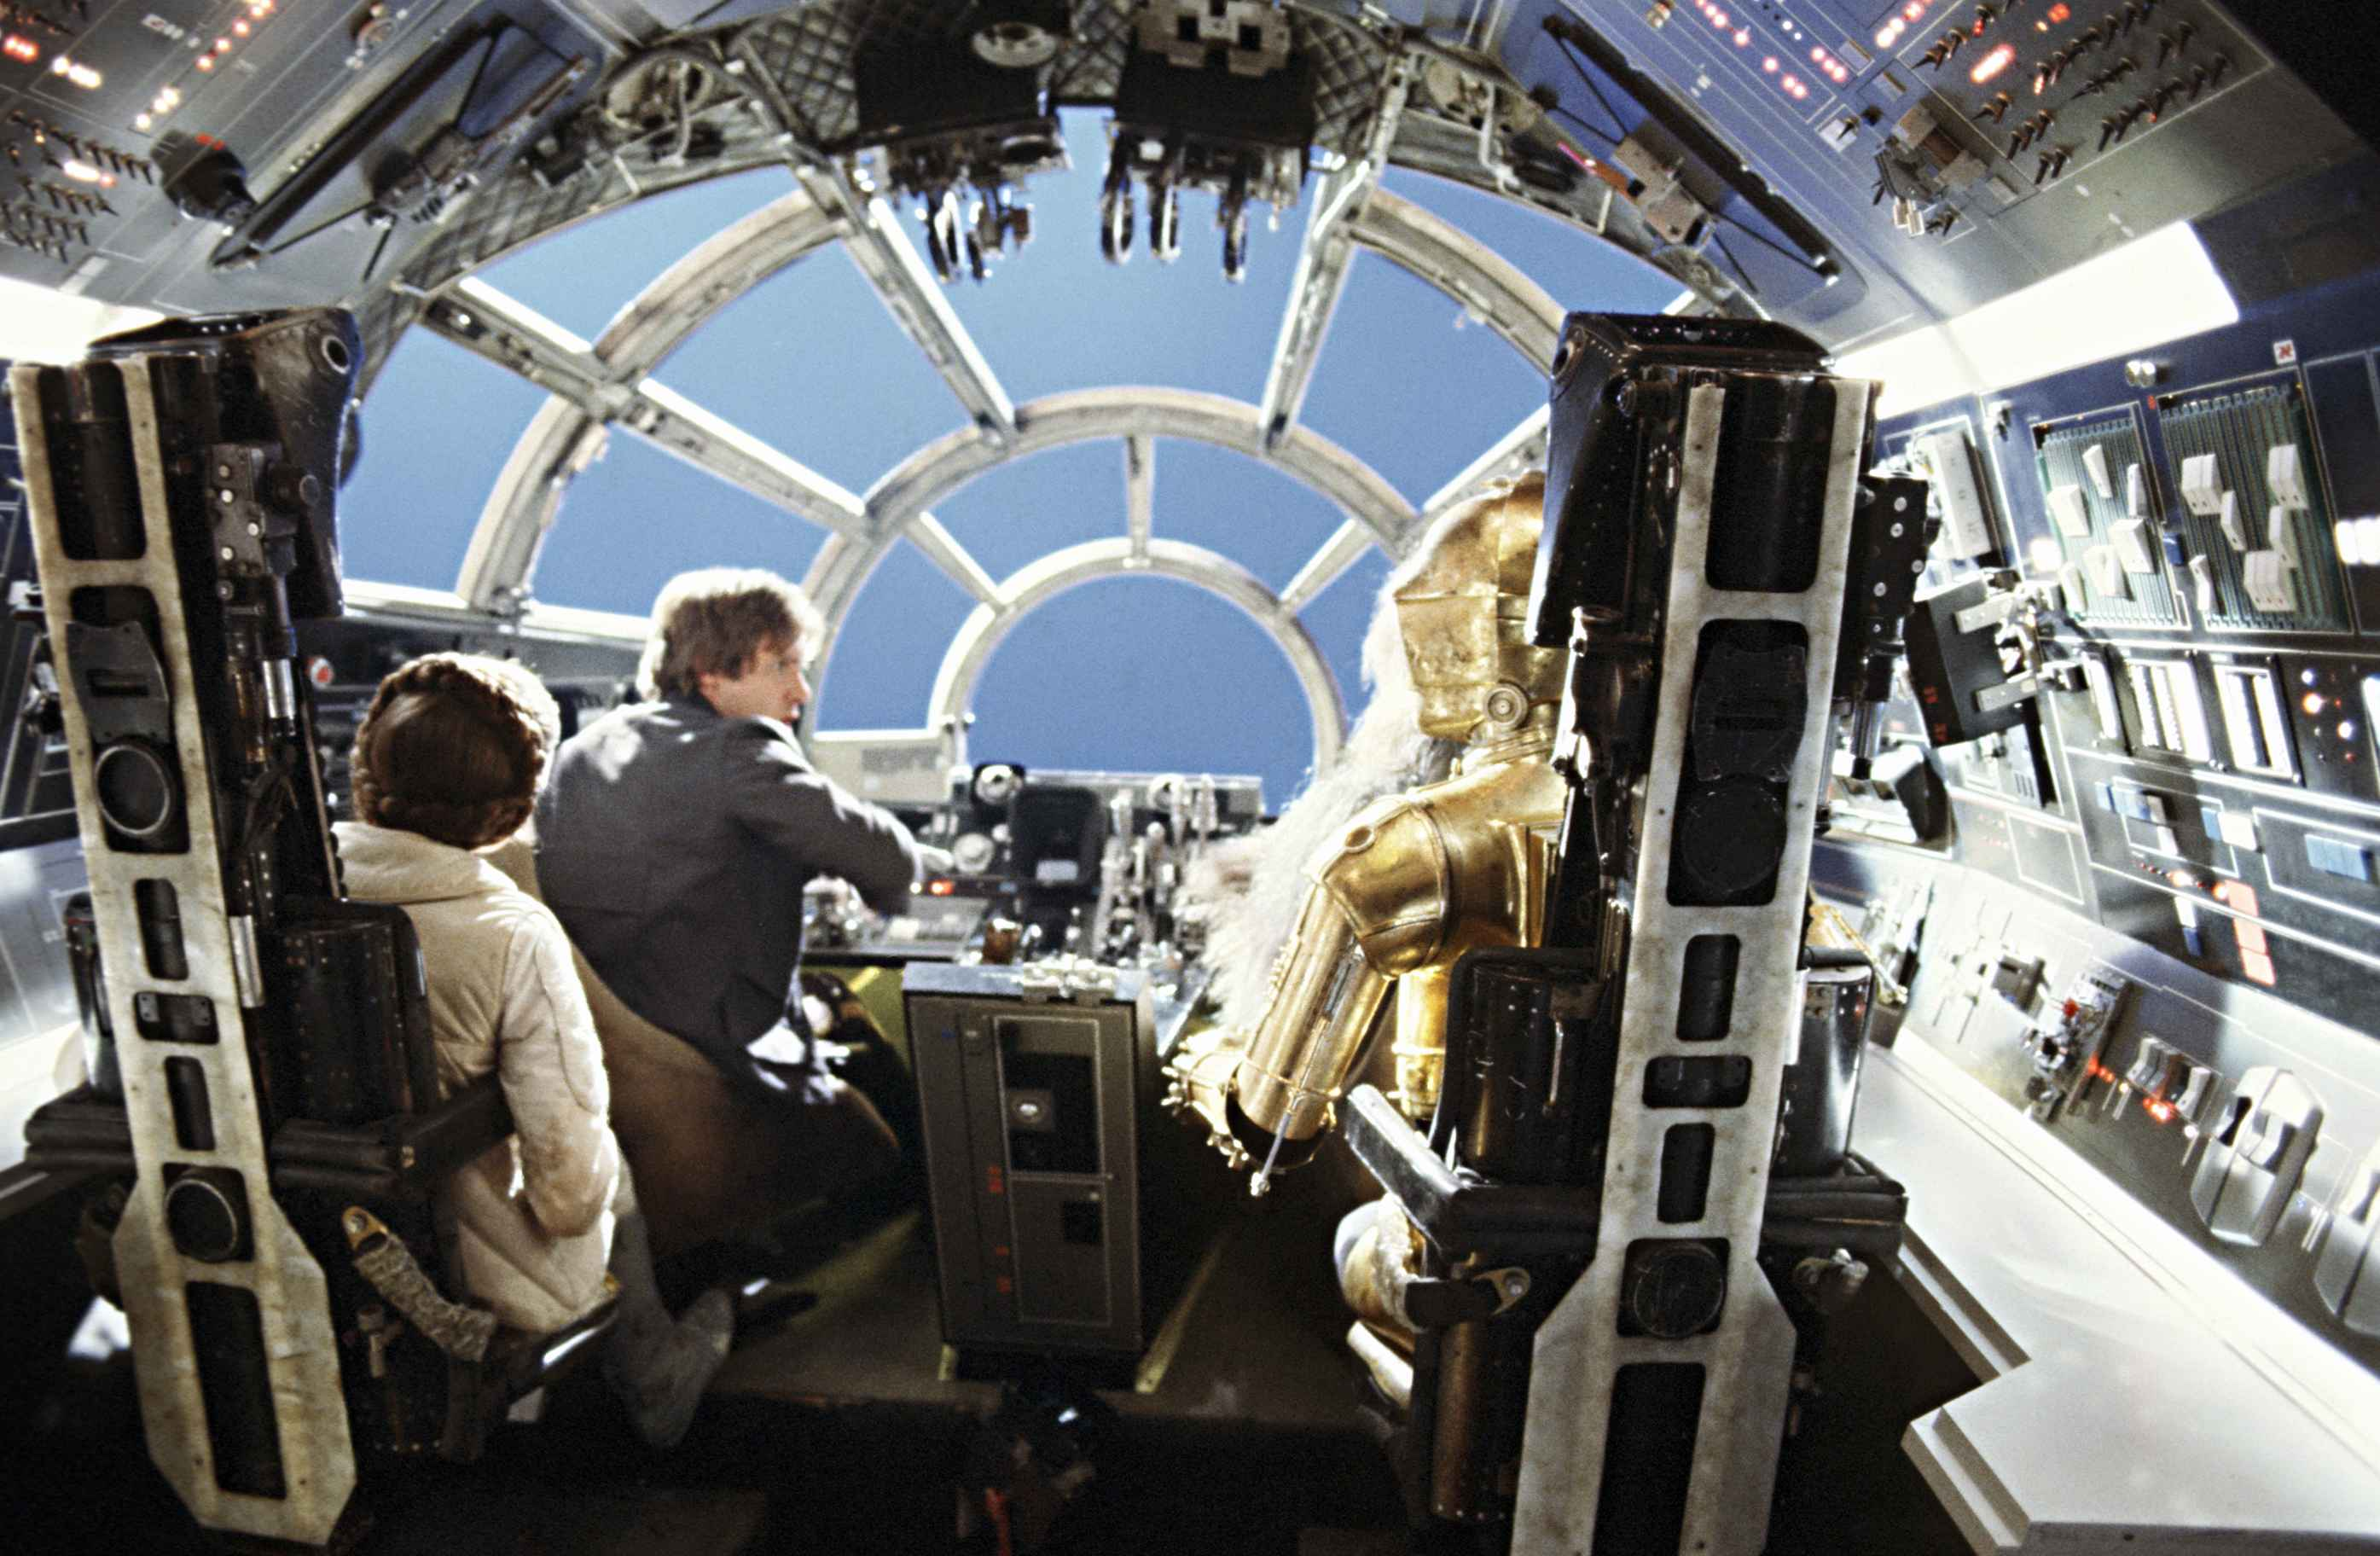 Rare star wars movie behind the scenes production photos for Interior halcon milenario